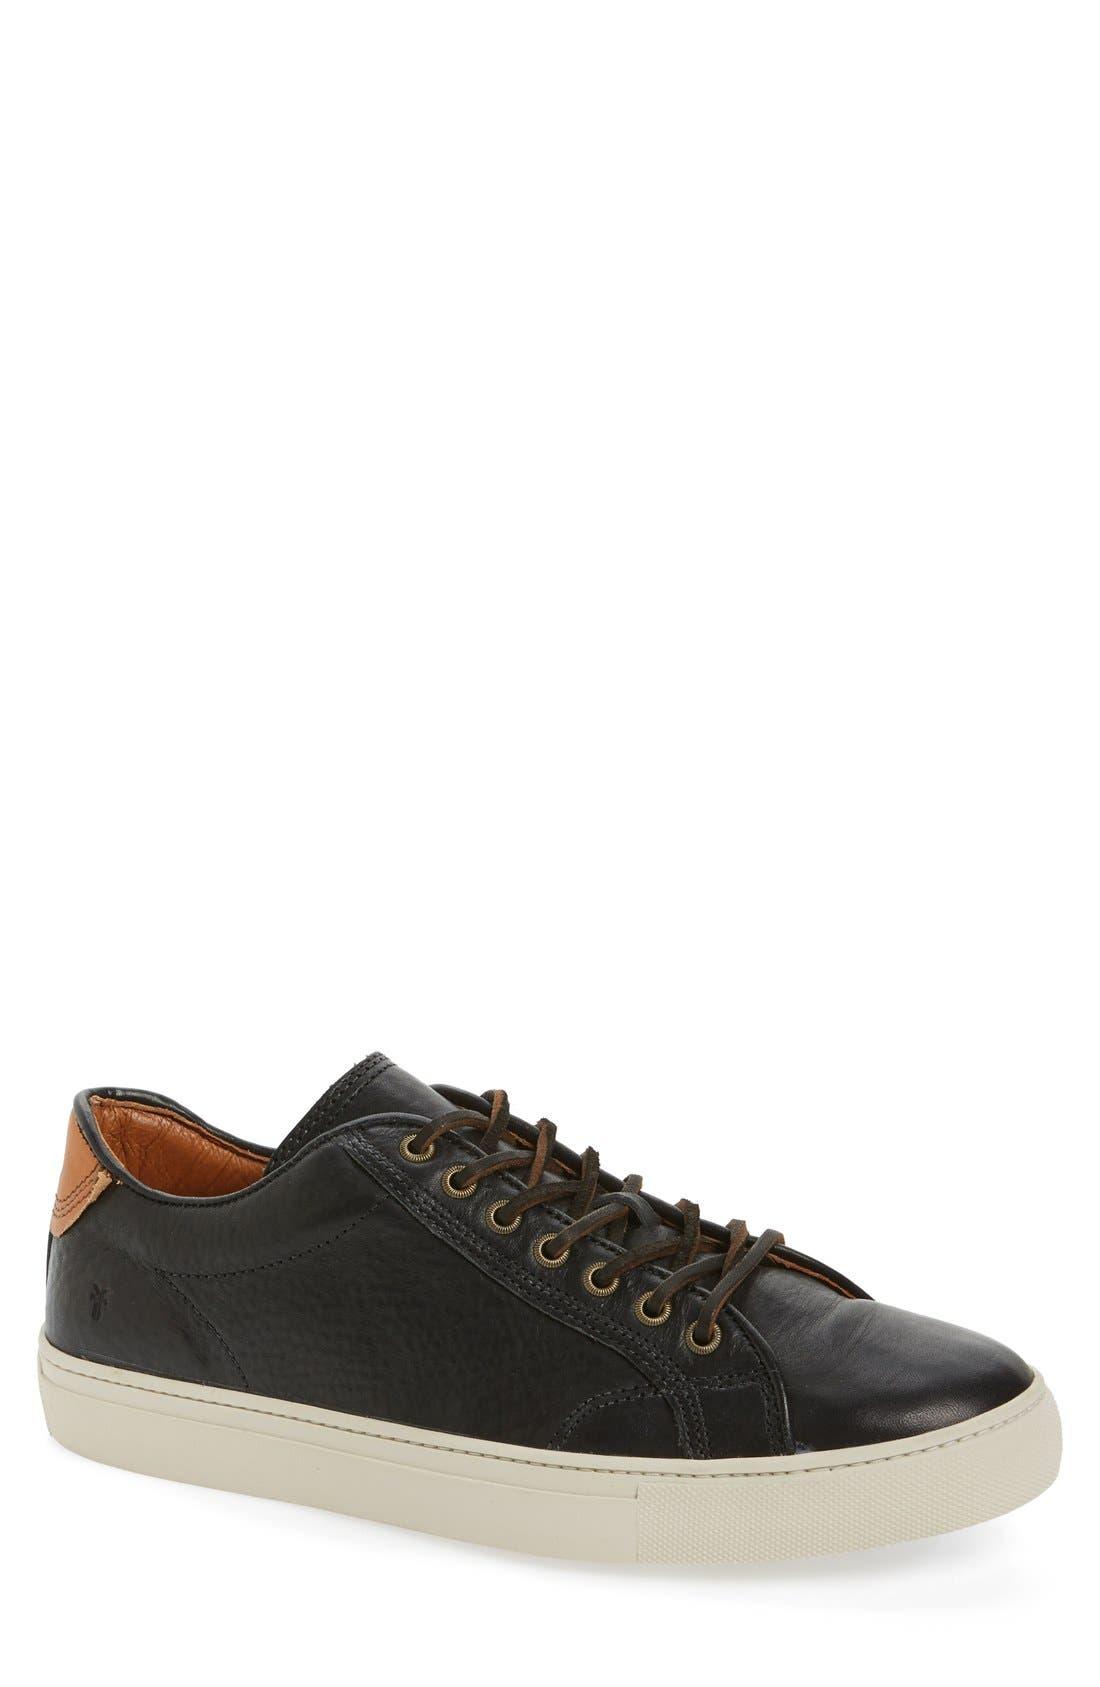 Walker Low Top Sneaker,                         Main,                         color, 001